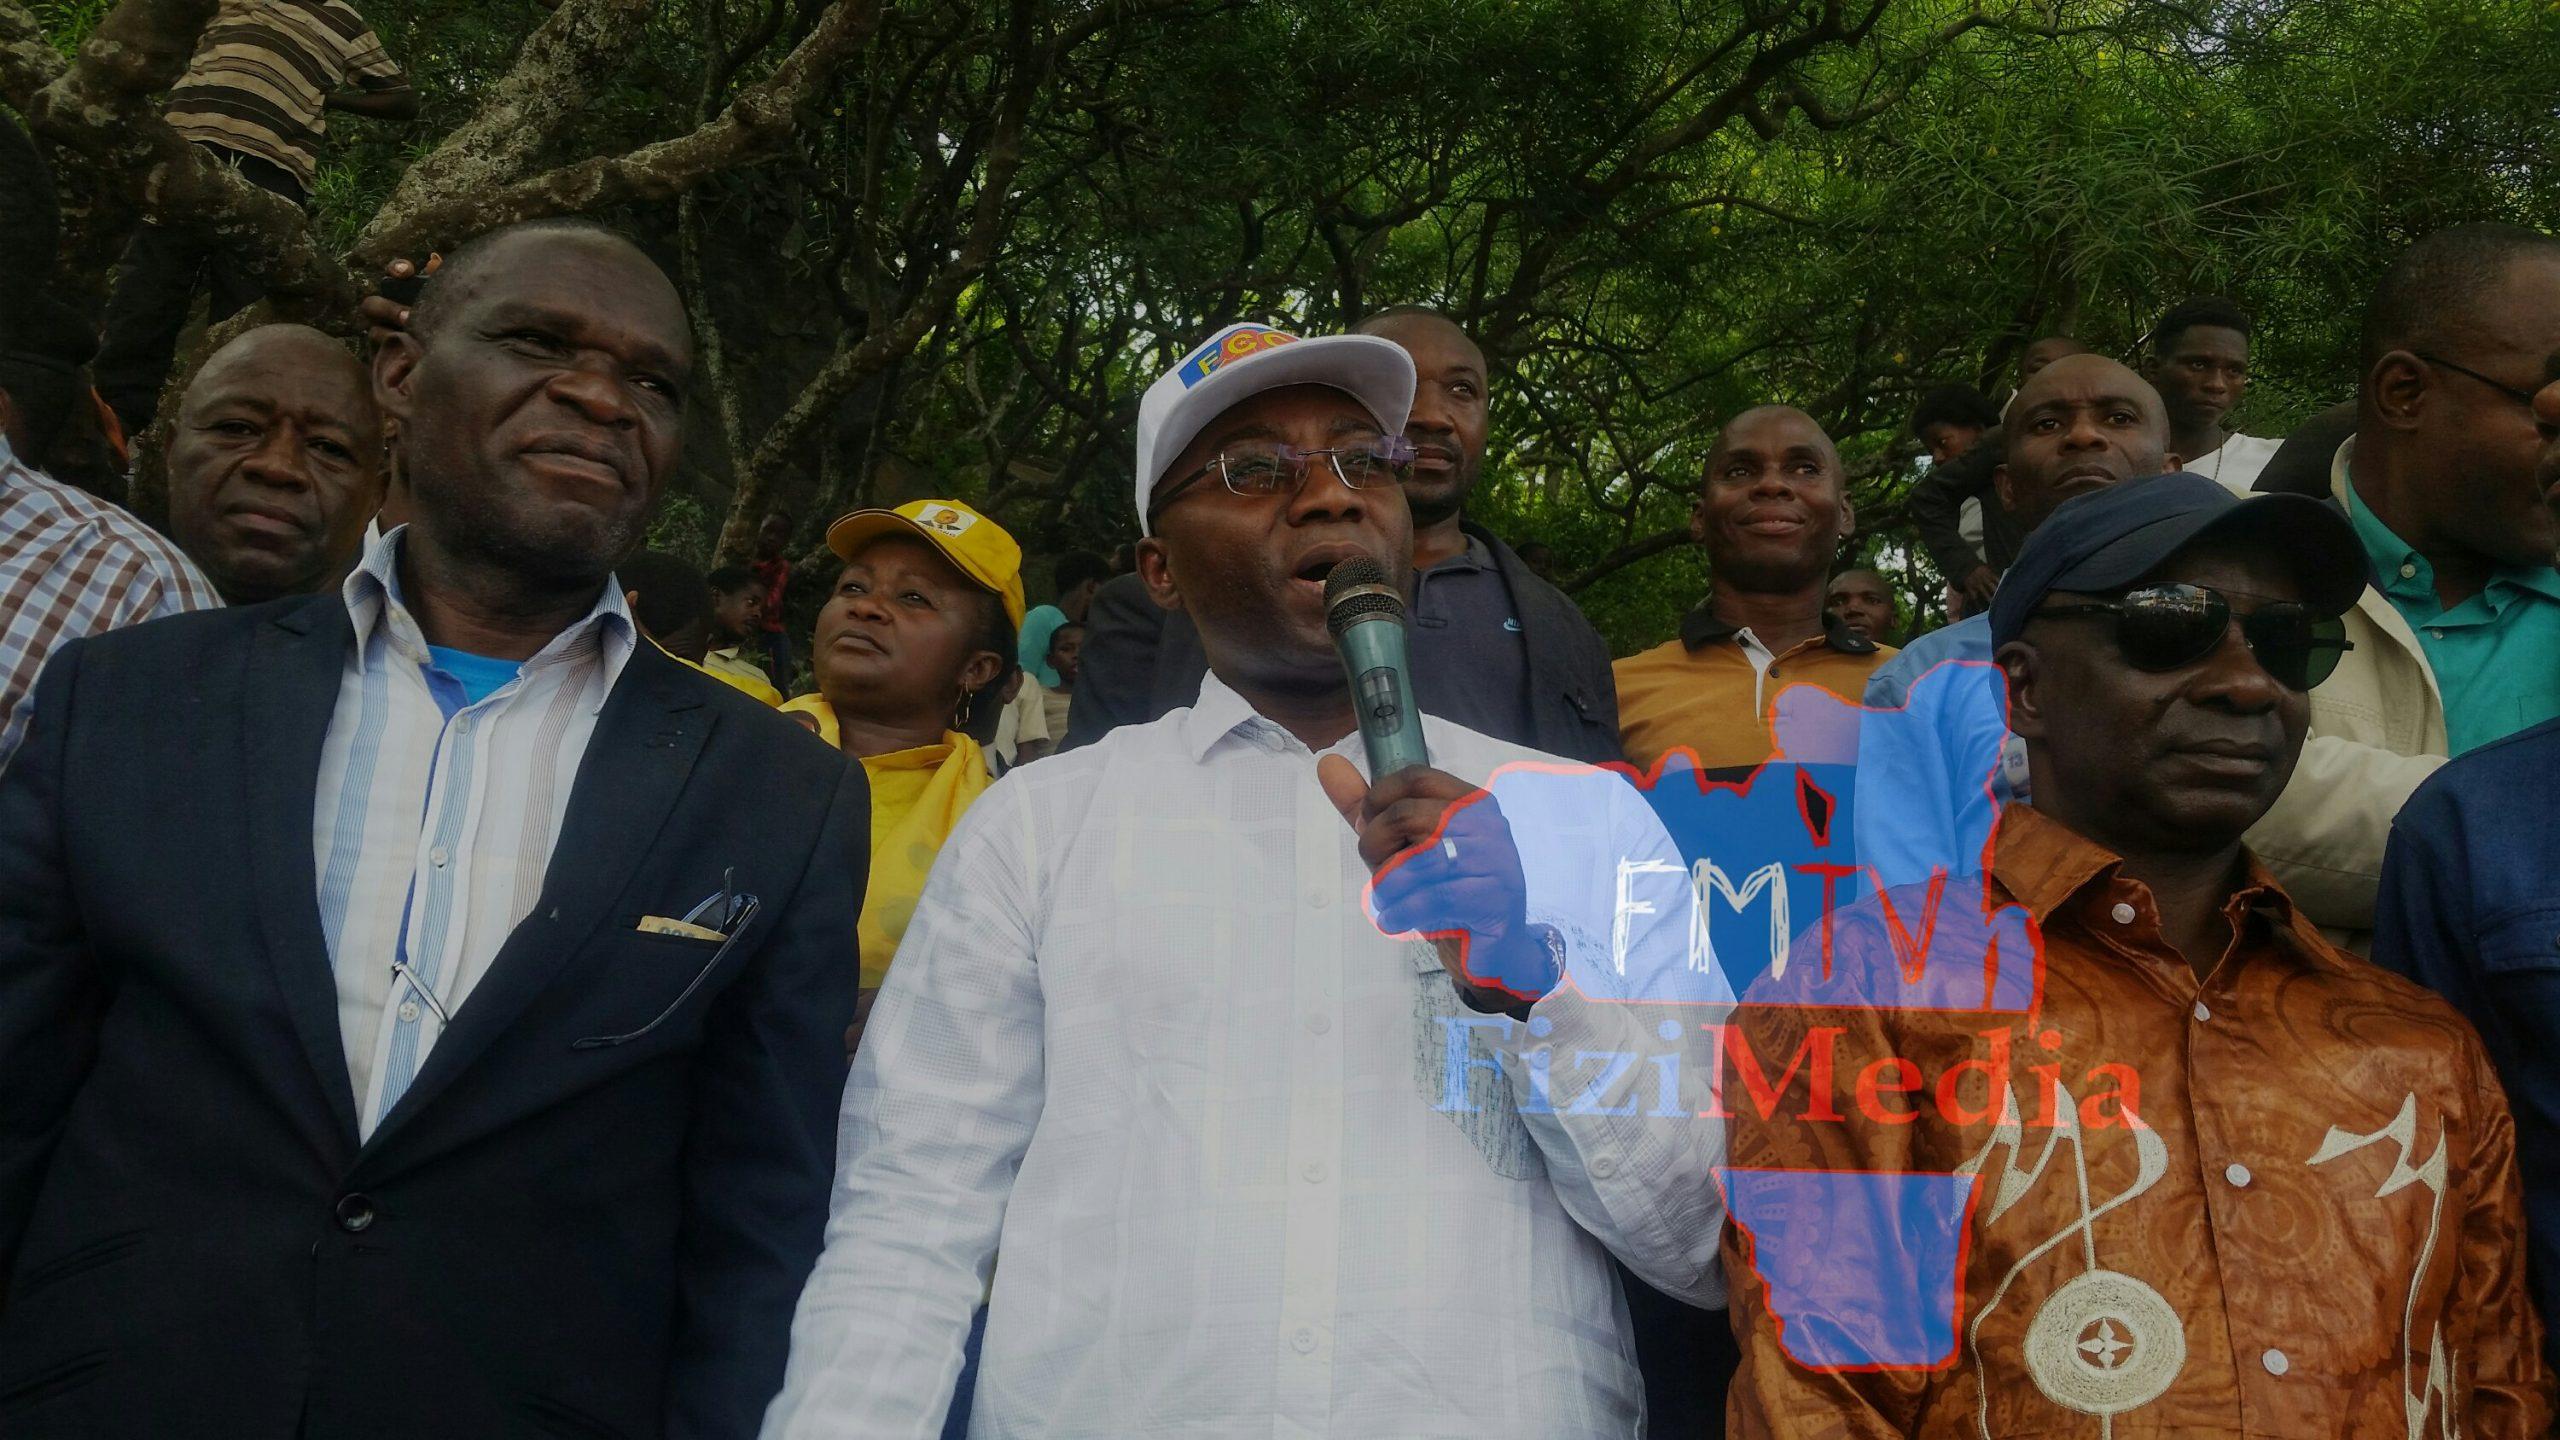 Sud-Kivu-uvira: 50% de realisations, Néhemie Mwilanya appelle la population à s'approprier les initiatives de la Mairie